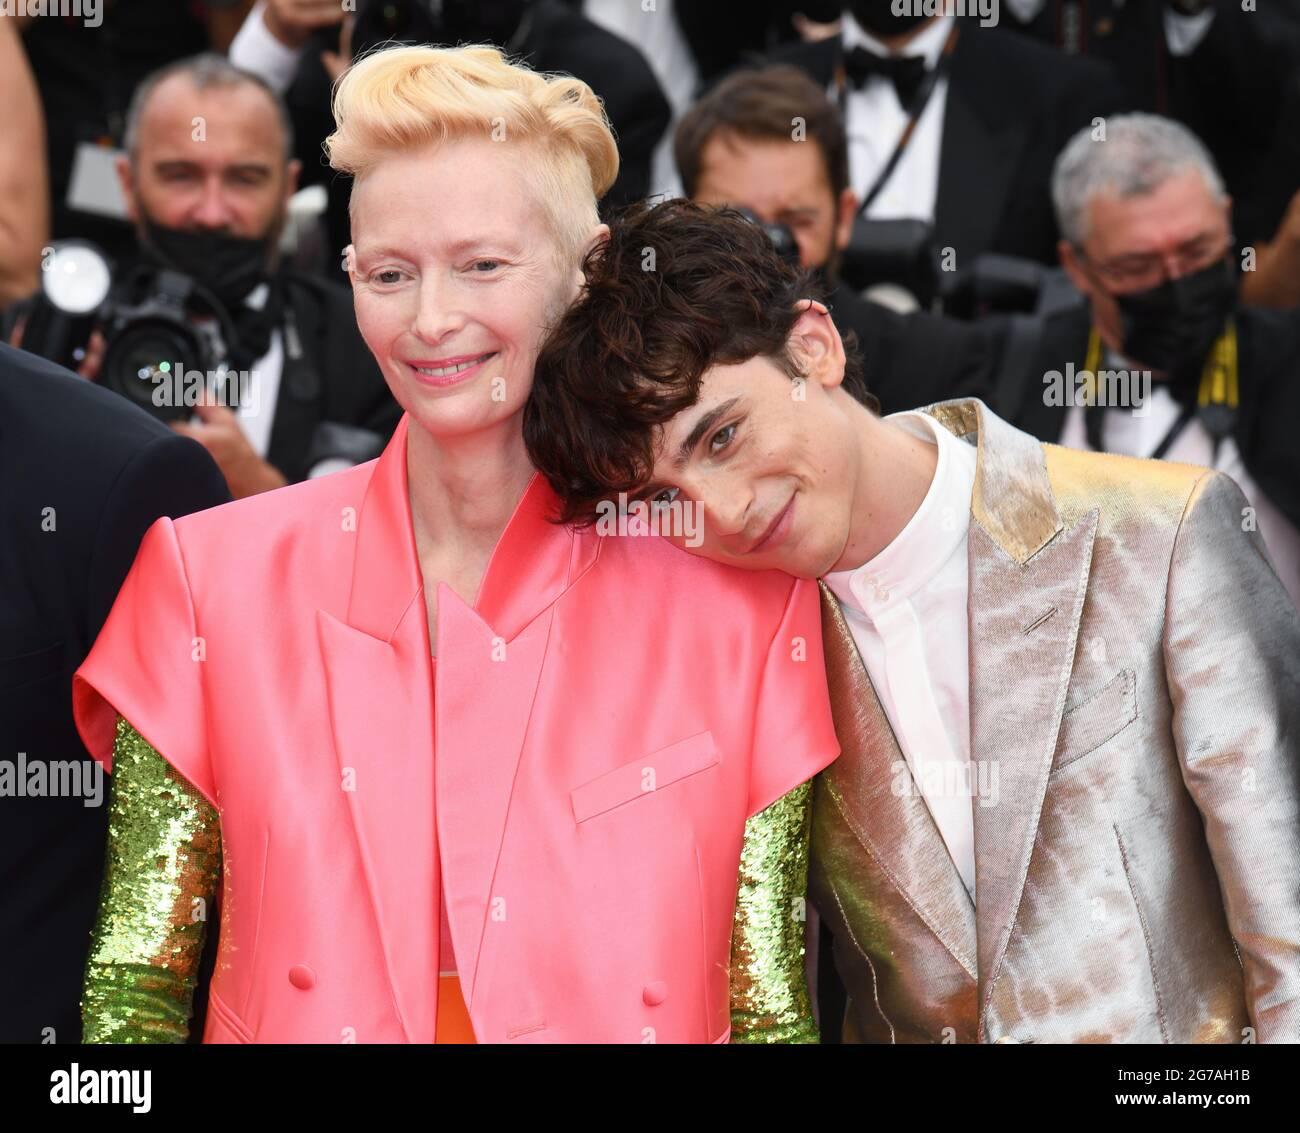 Cannes, Frankreich, 12. Juli 2021 Tilda Swinton und Timothee Chalamet bei der französischen Dispatch-Premiere, die im Palais des Festivals stattfand. Teil der 74. Filmfestspiele von Cannes. Quelle: Doug Peters/EMPICS/Alamy Live News Stockfoto